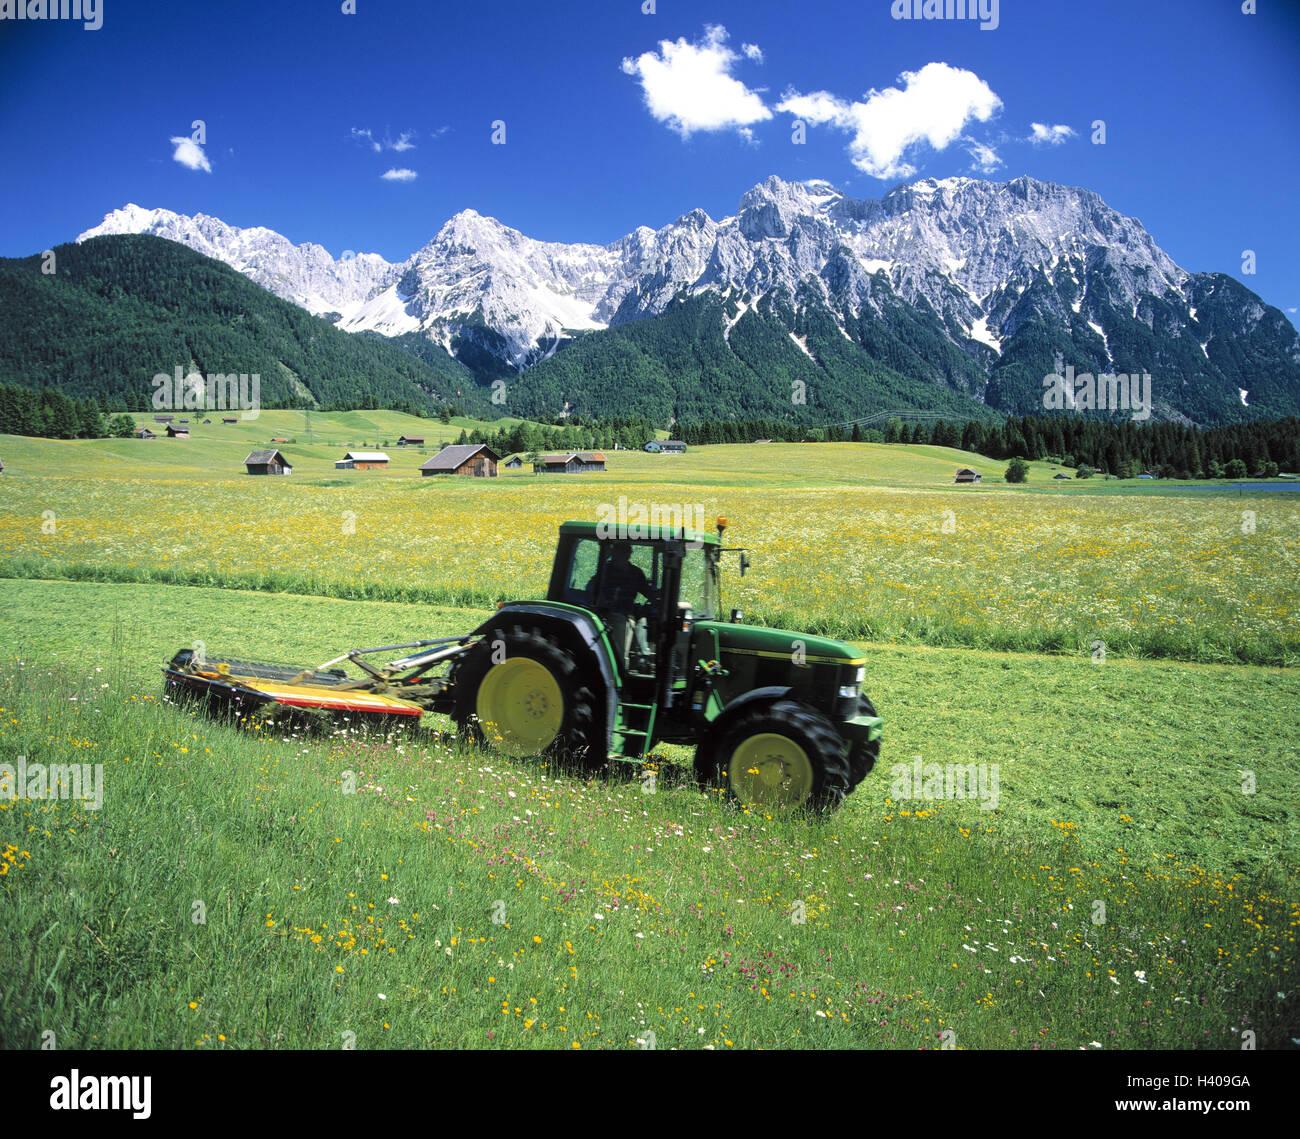 deutschland oberbayern werdenfelser karwendelgebirges wiese traktor arbeiten in den. Black Bedroom Furniture Sets. Home Design Ideas